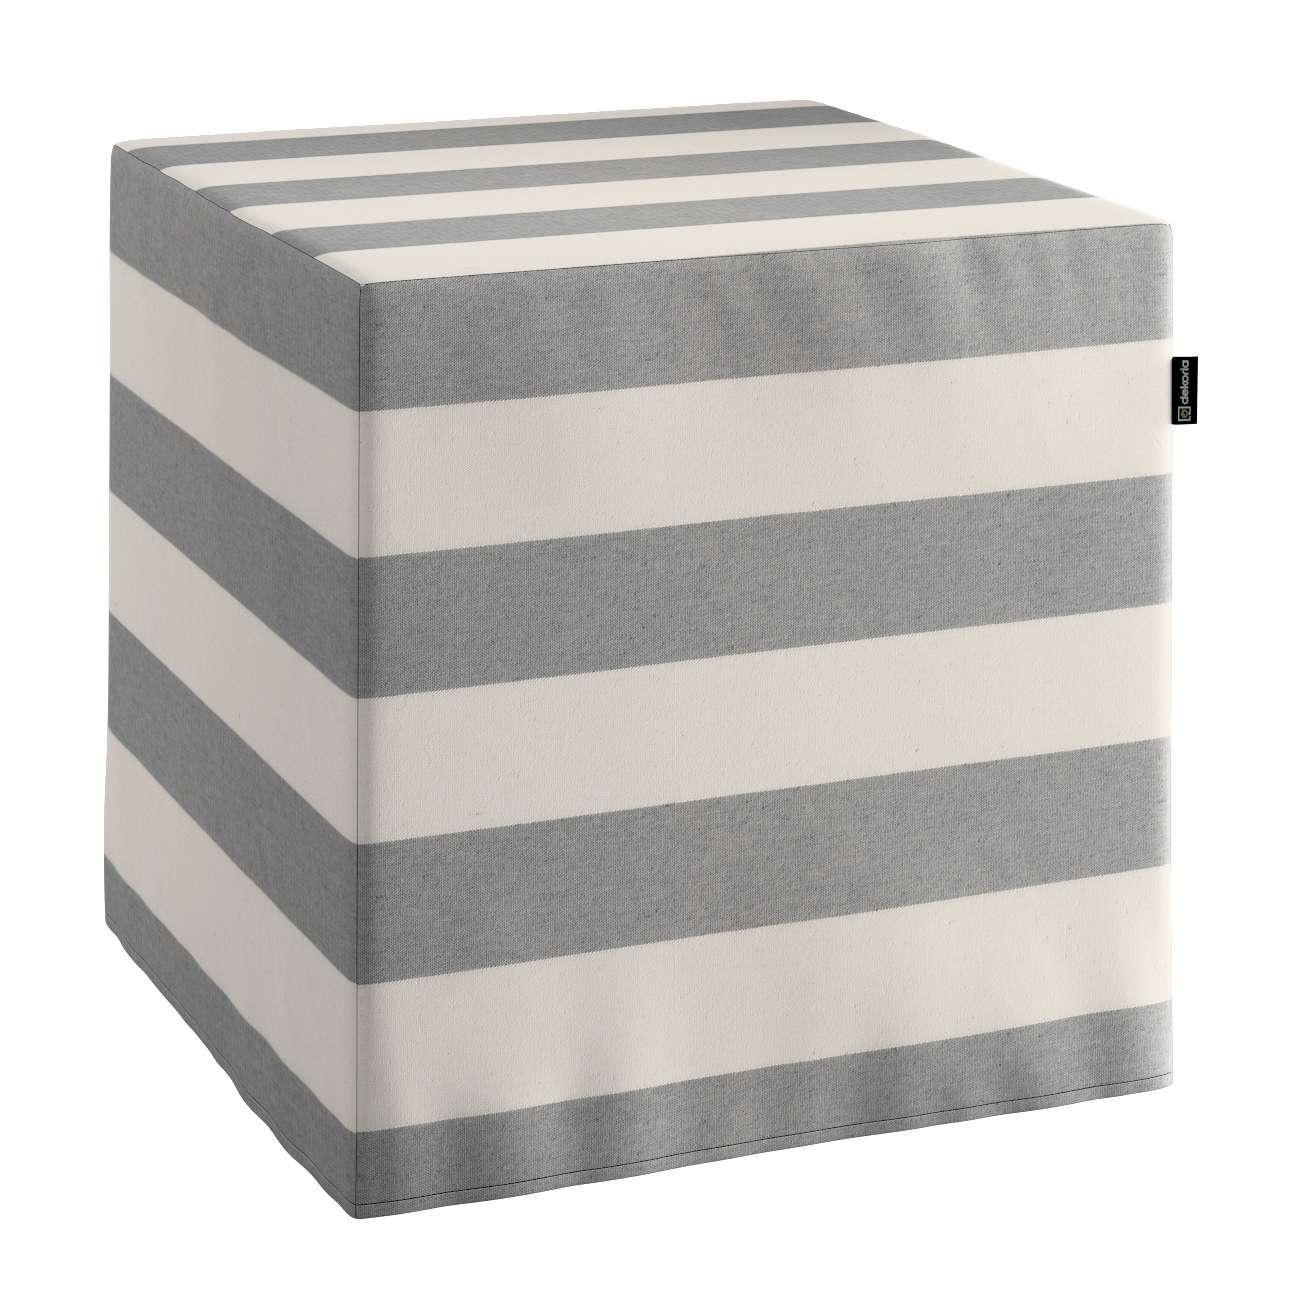 Taburetka tvrdá, kocka V kolekcii Quadro, tkanina: 142-71